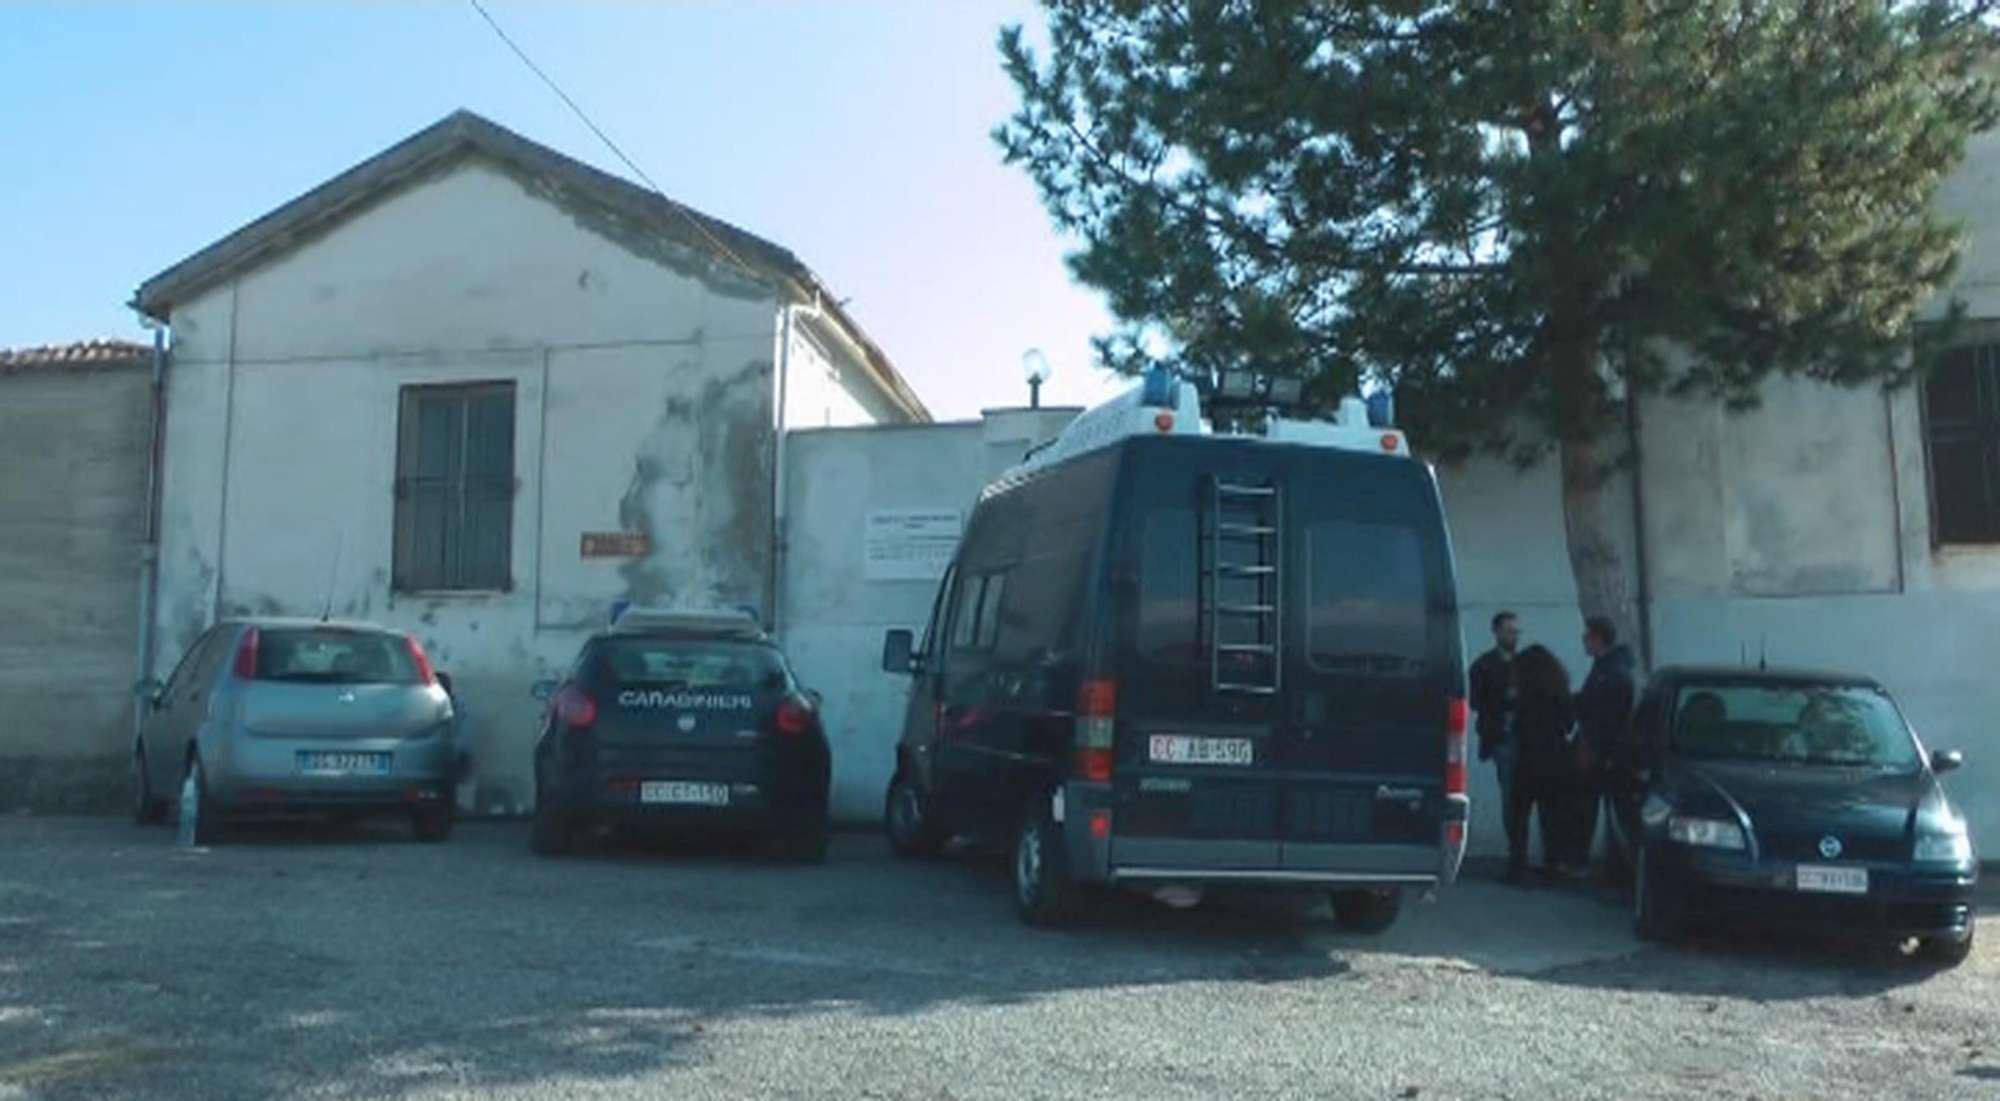 Agguato al cimitero nel Cosentino: uccise madre e figlia